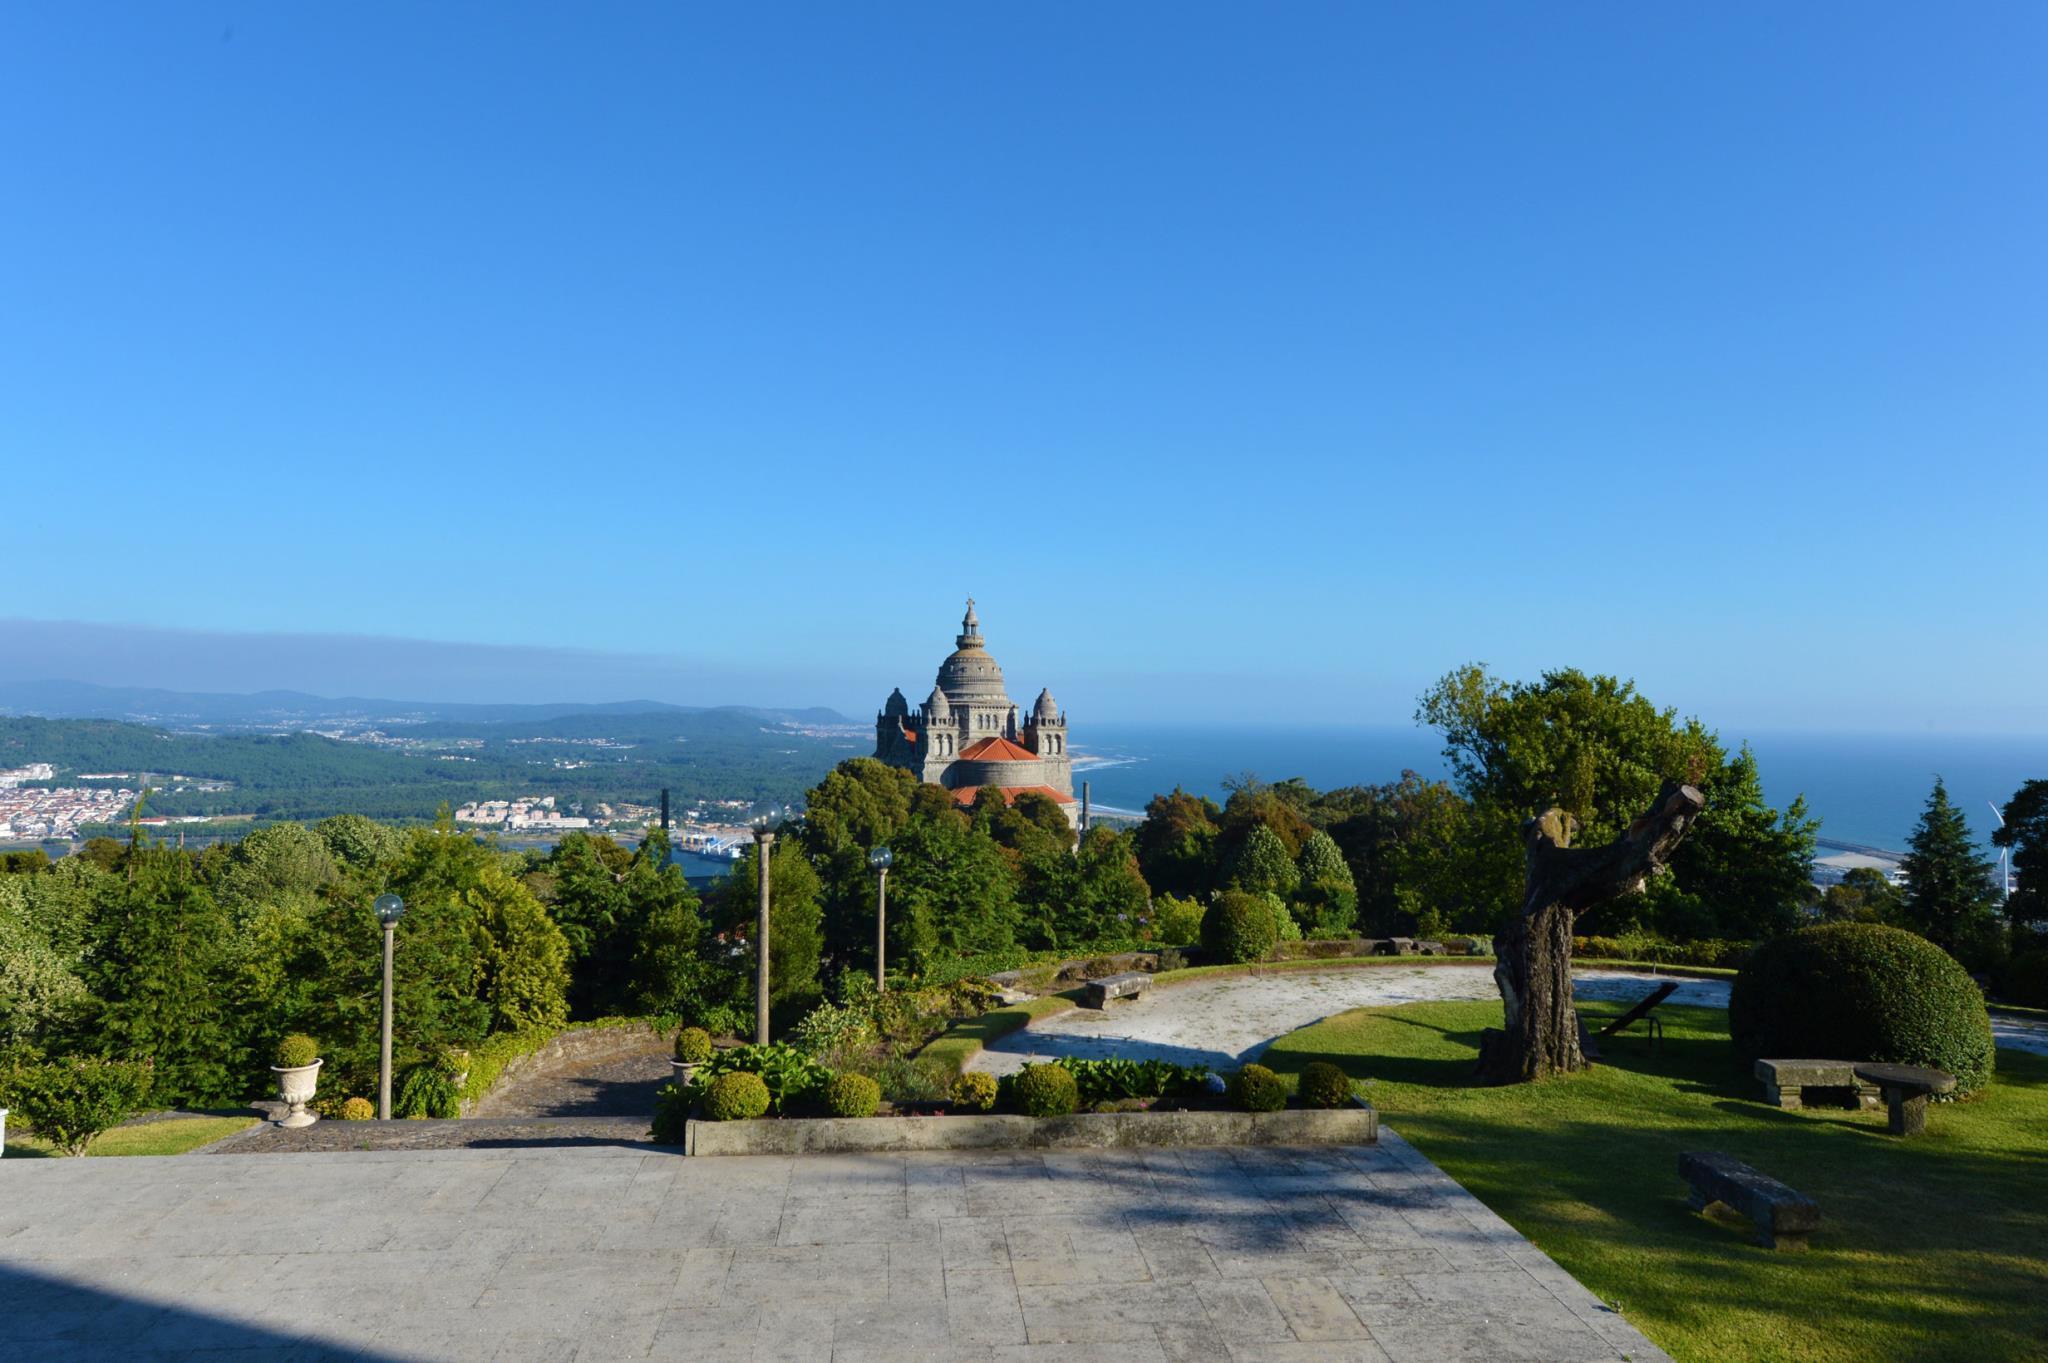 Fotos de viana do castelo portugal 15